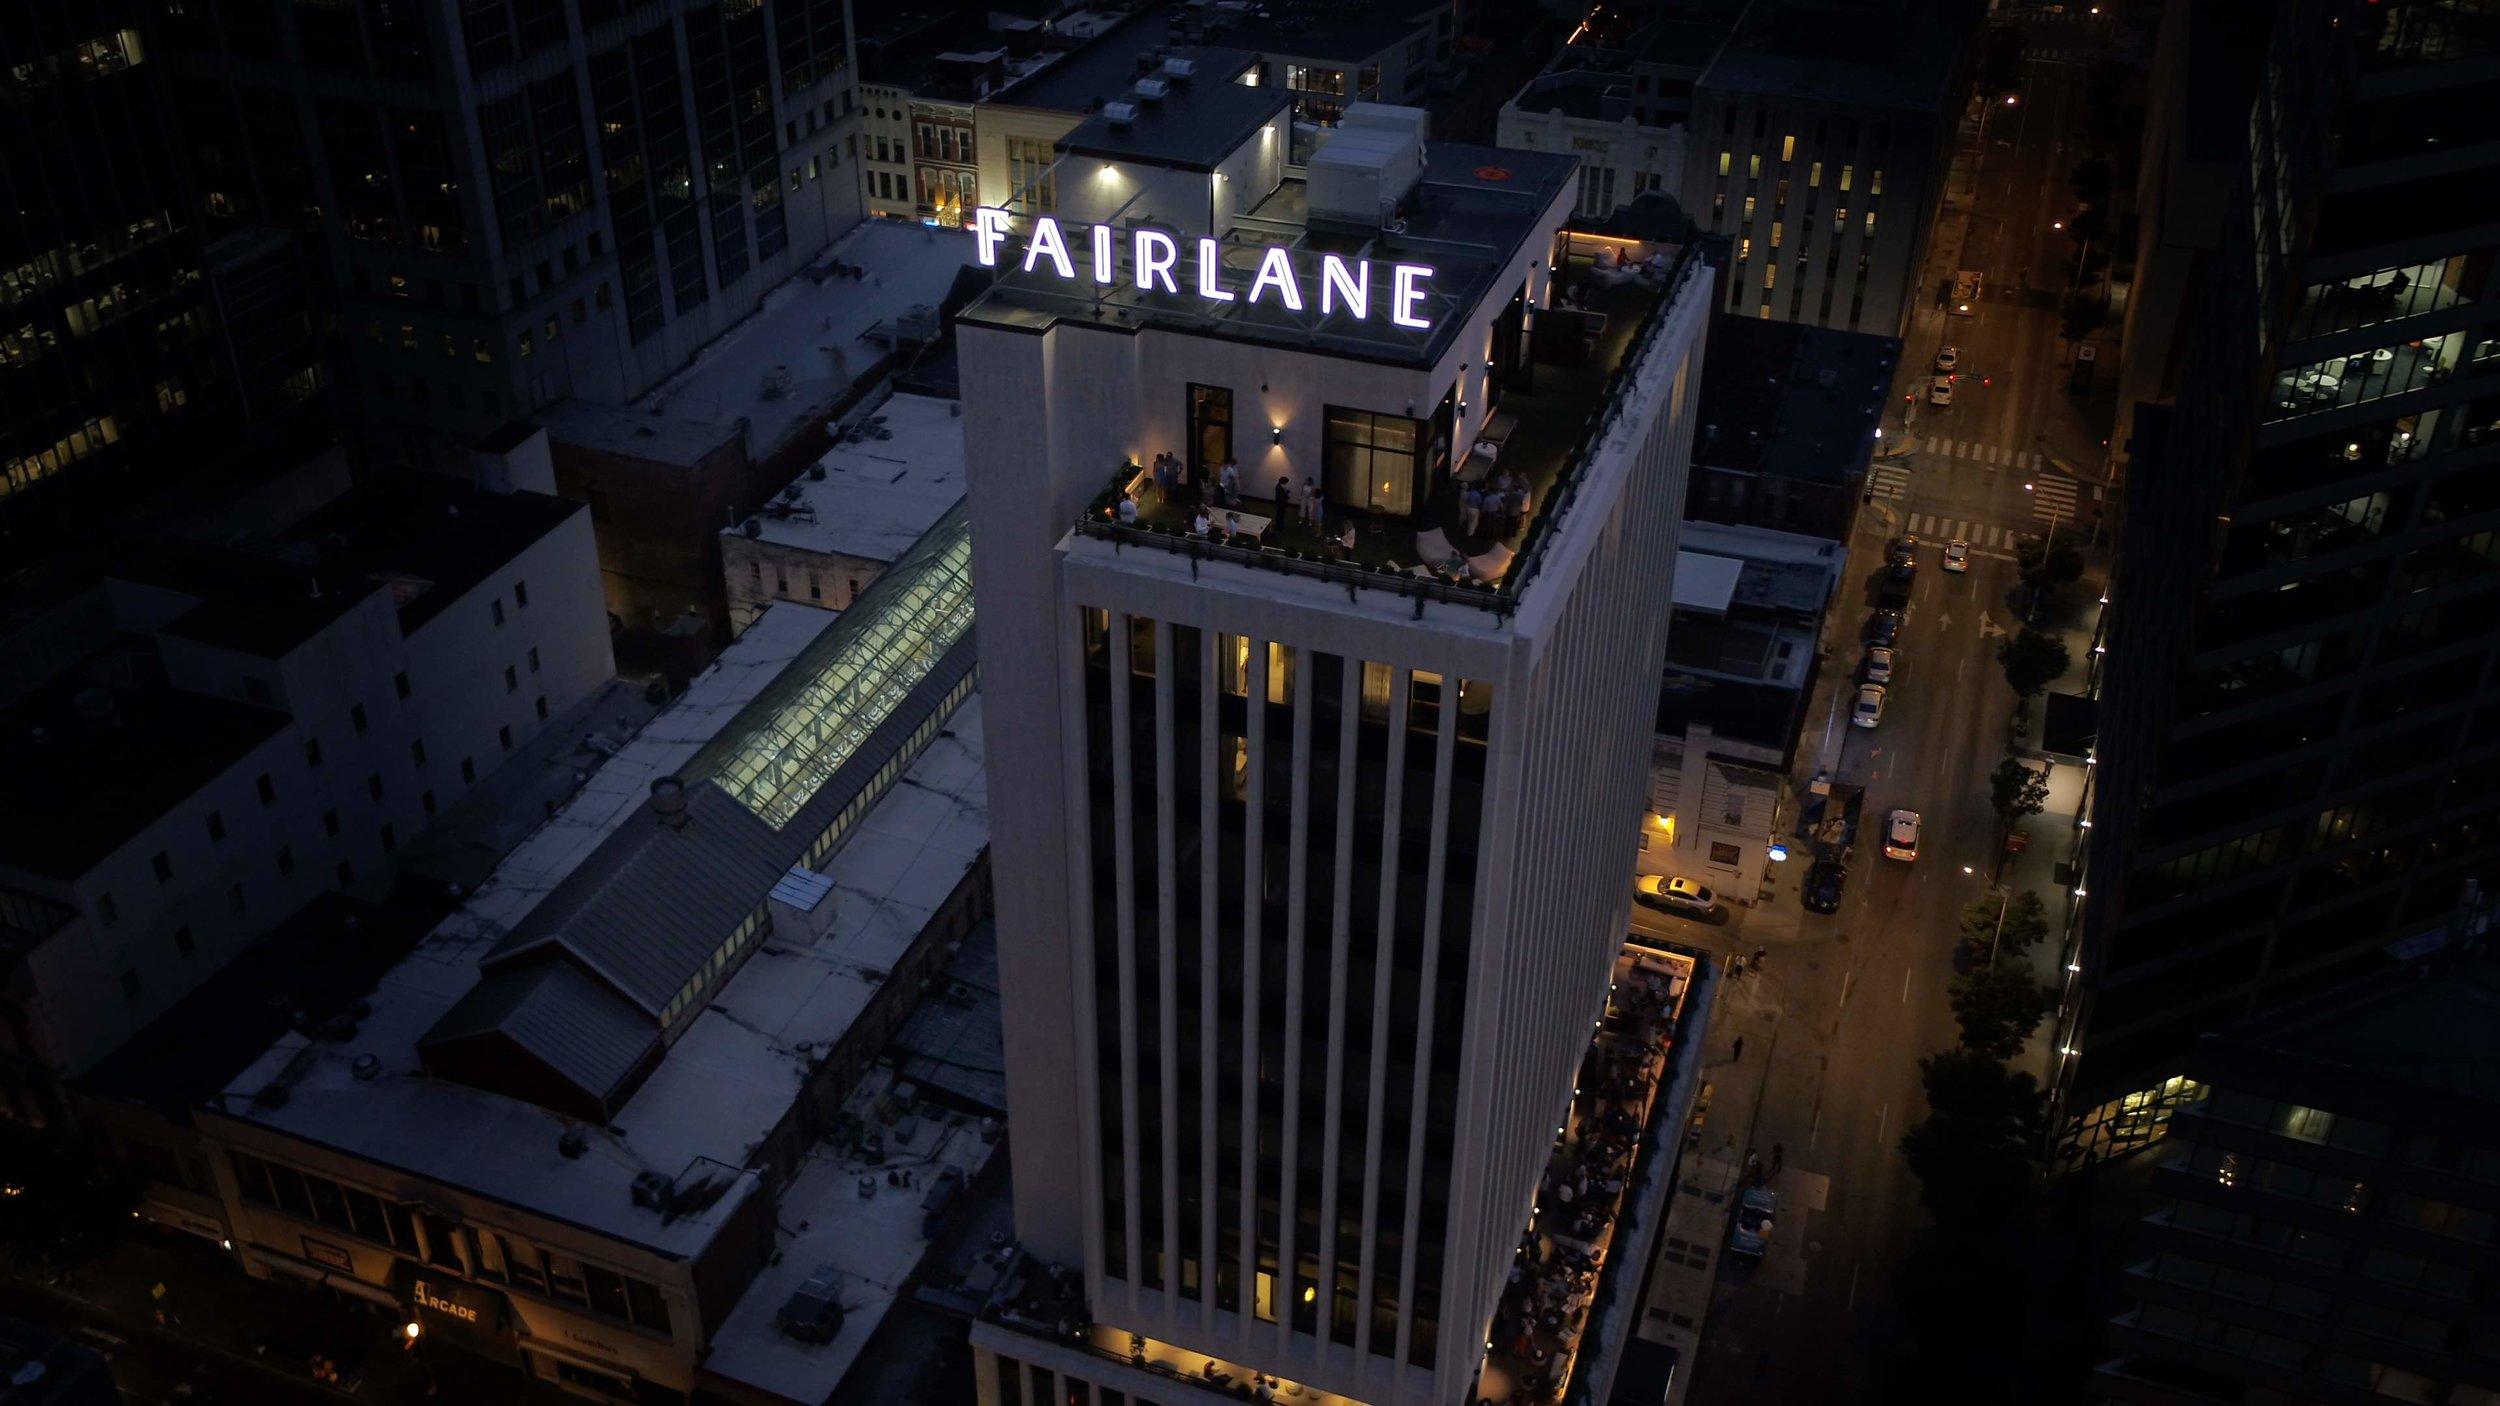 2018-0730V- Fairlane Hotel-Kris request3_4K.jpg